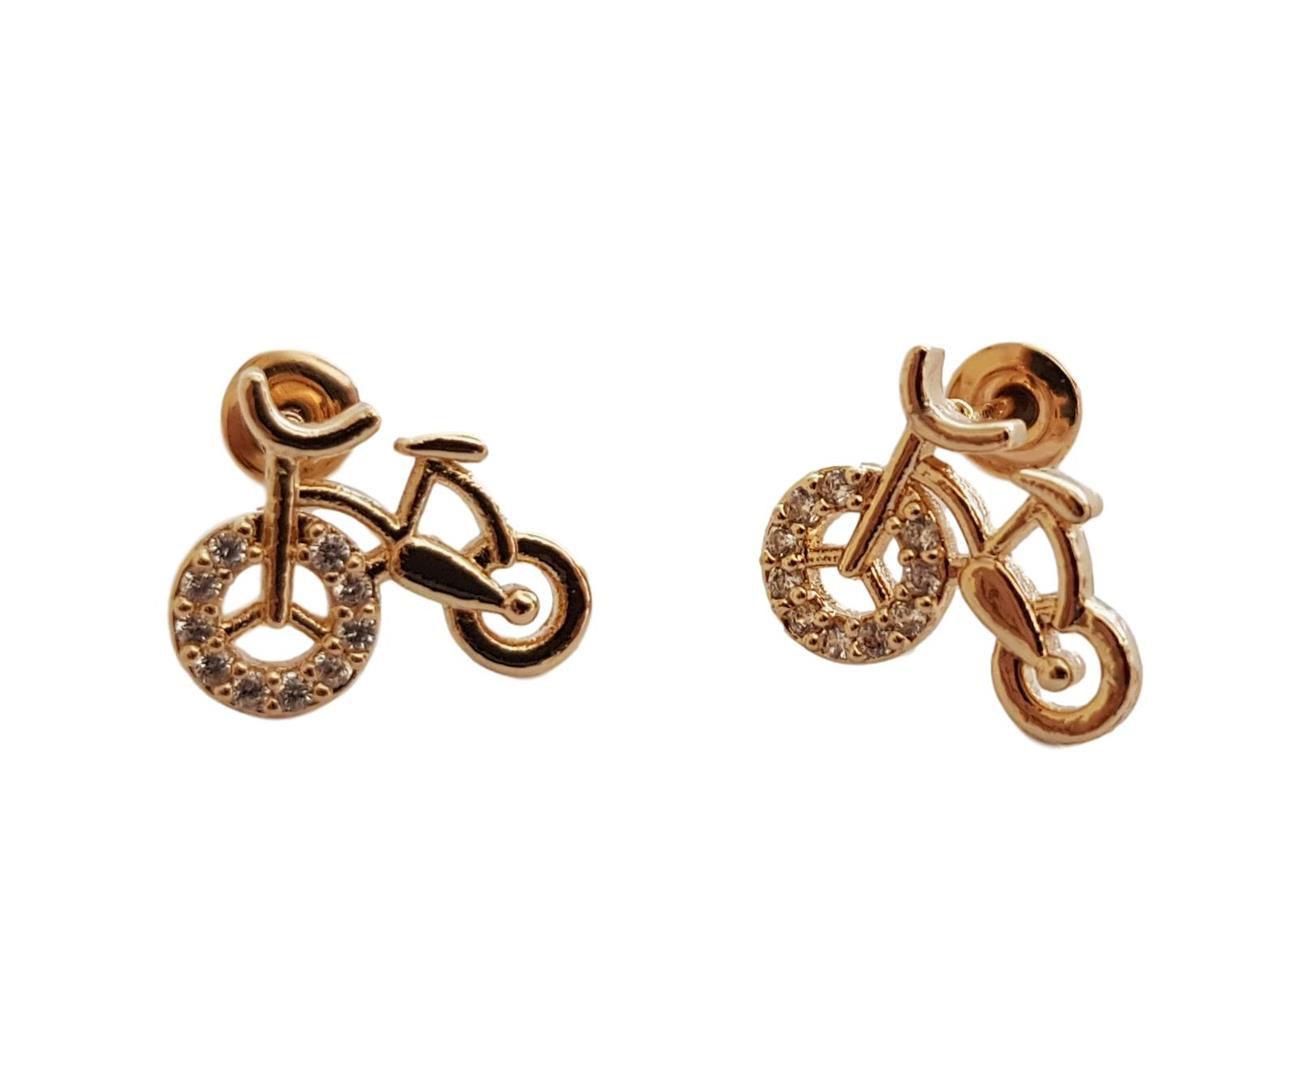 Par de Brincos de Bicicleta Folheado à Ouro 18k Cravejados com Zirconia